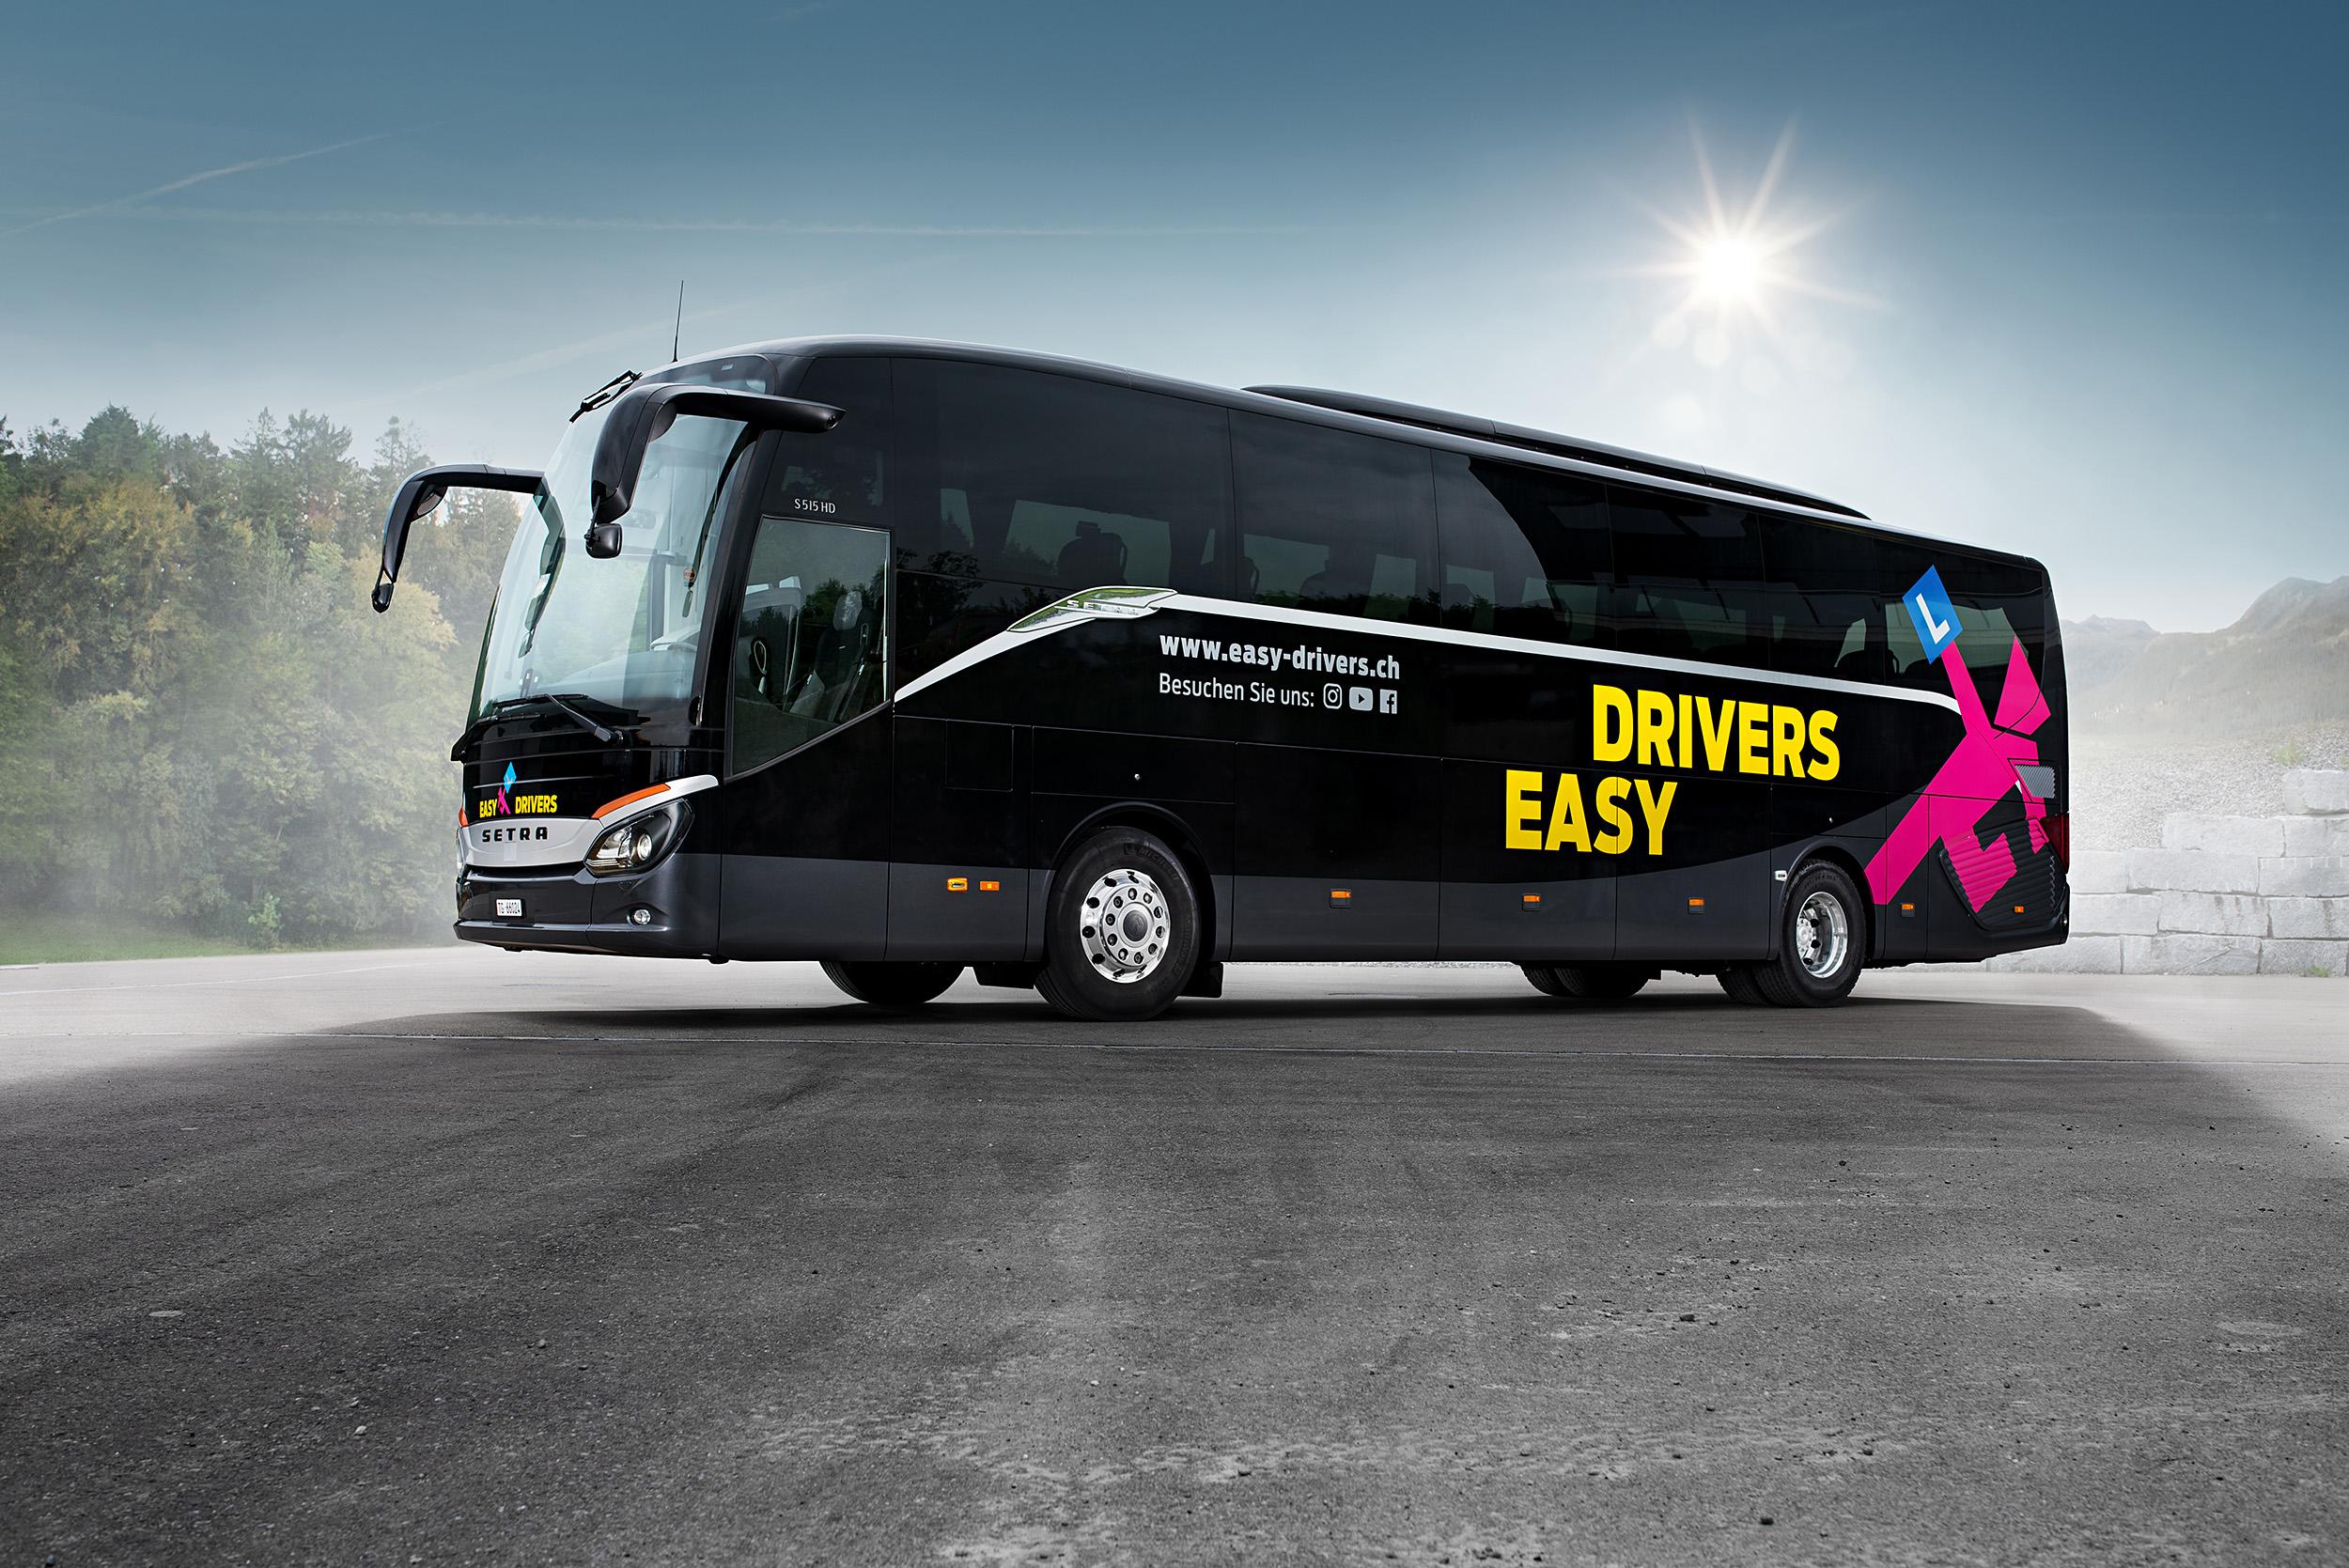 Easydrivers-Bus-schwarz-2500.jpg